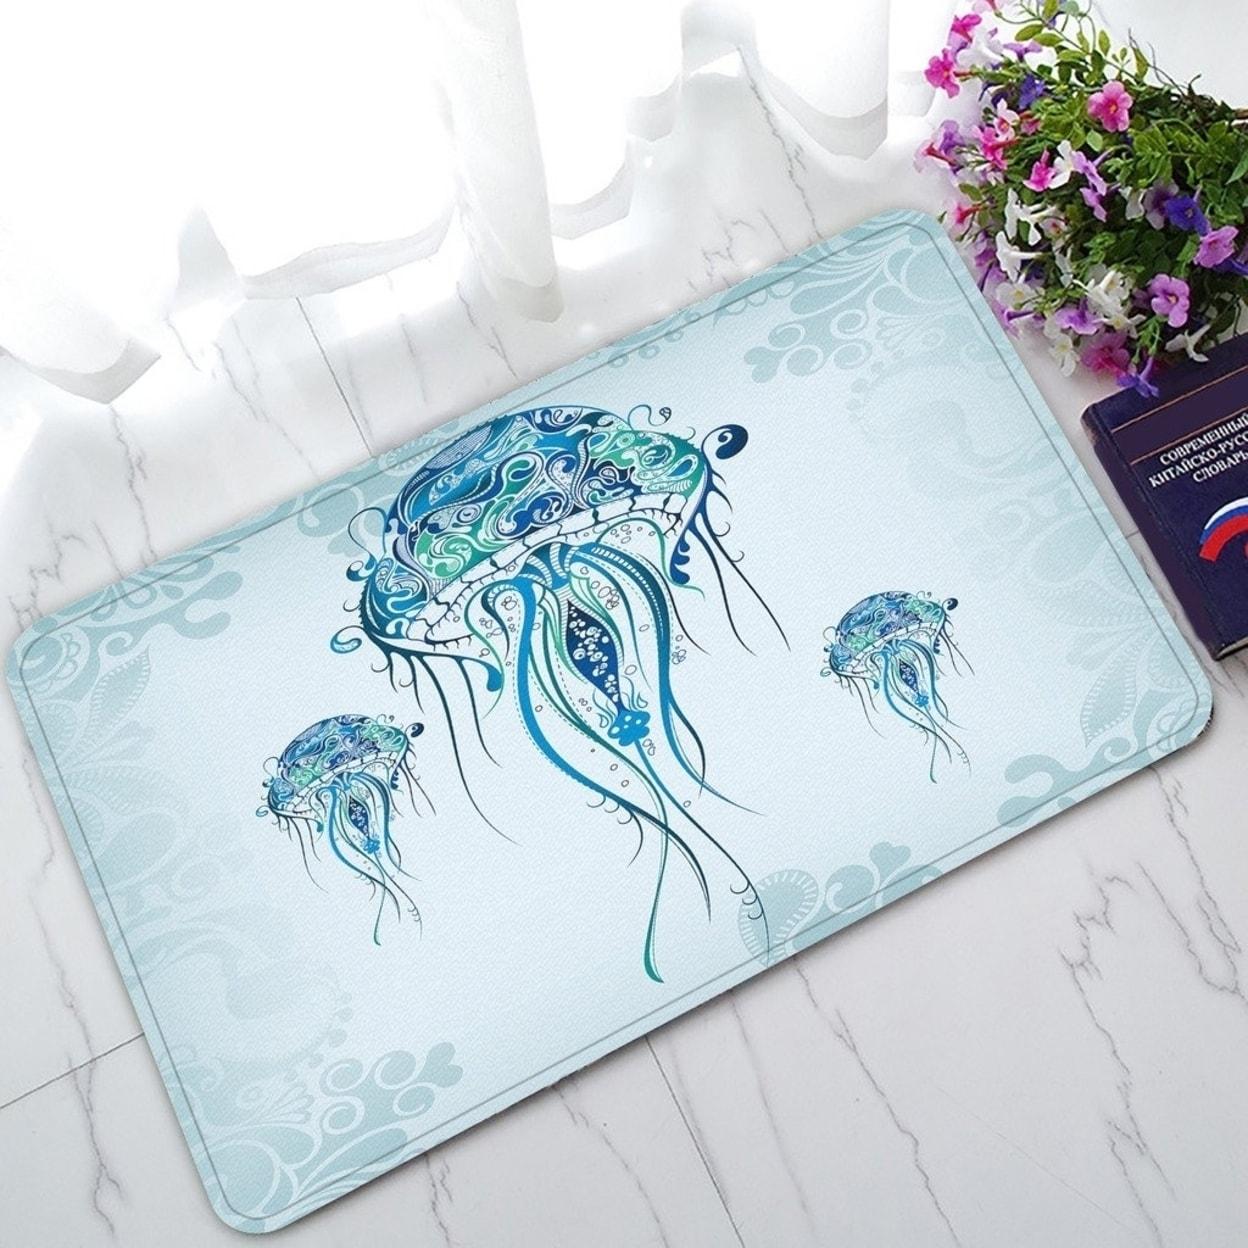 Jellyfish In The Blue Ocean Non Slip Doormat Indoor Outdoor Bathroom Doormat 30 X 18 Inches Multi Overstock 32350612